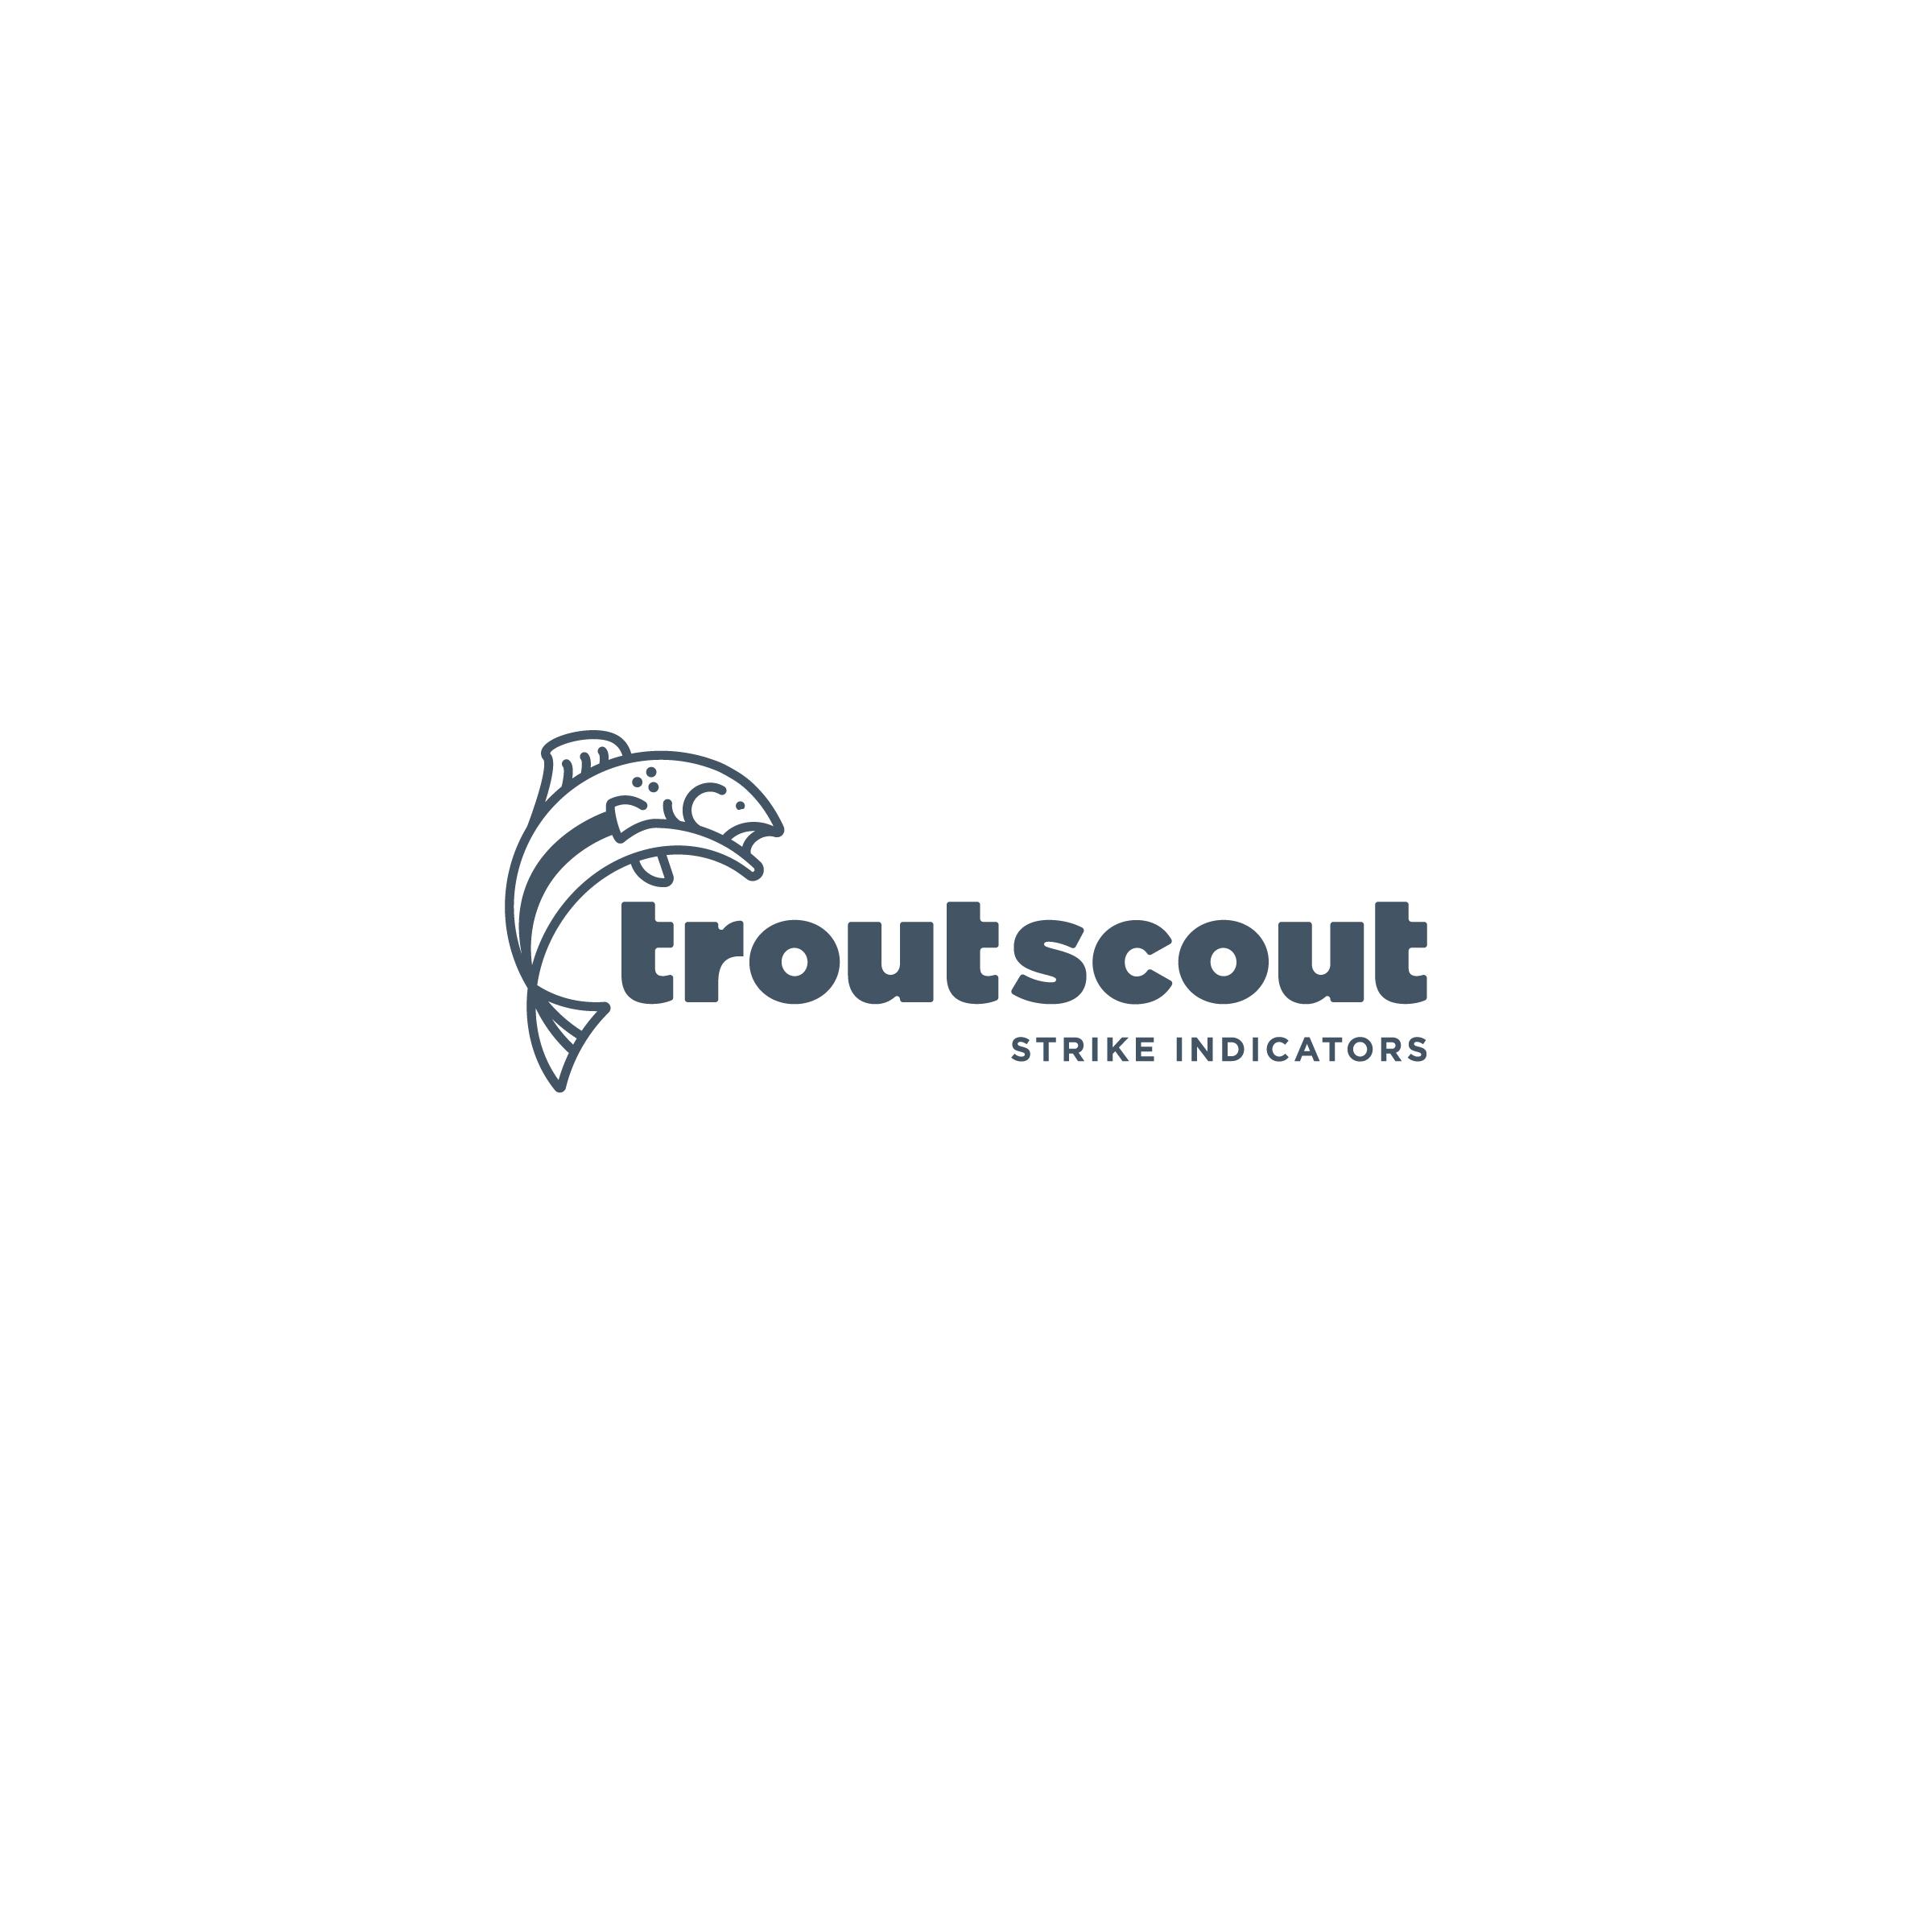 TroutScout_DkBlue_Hrzt.jpg